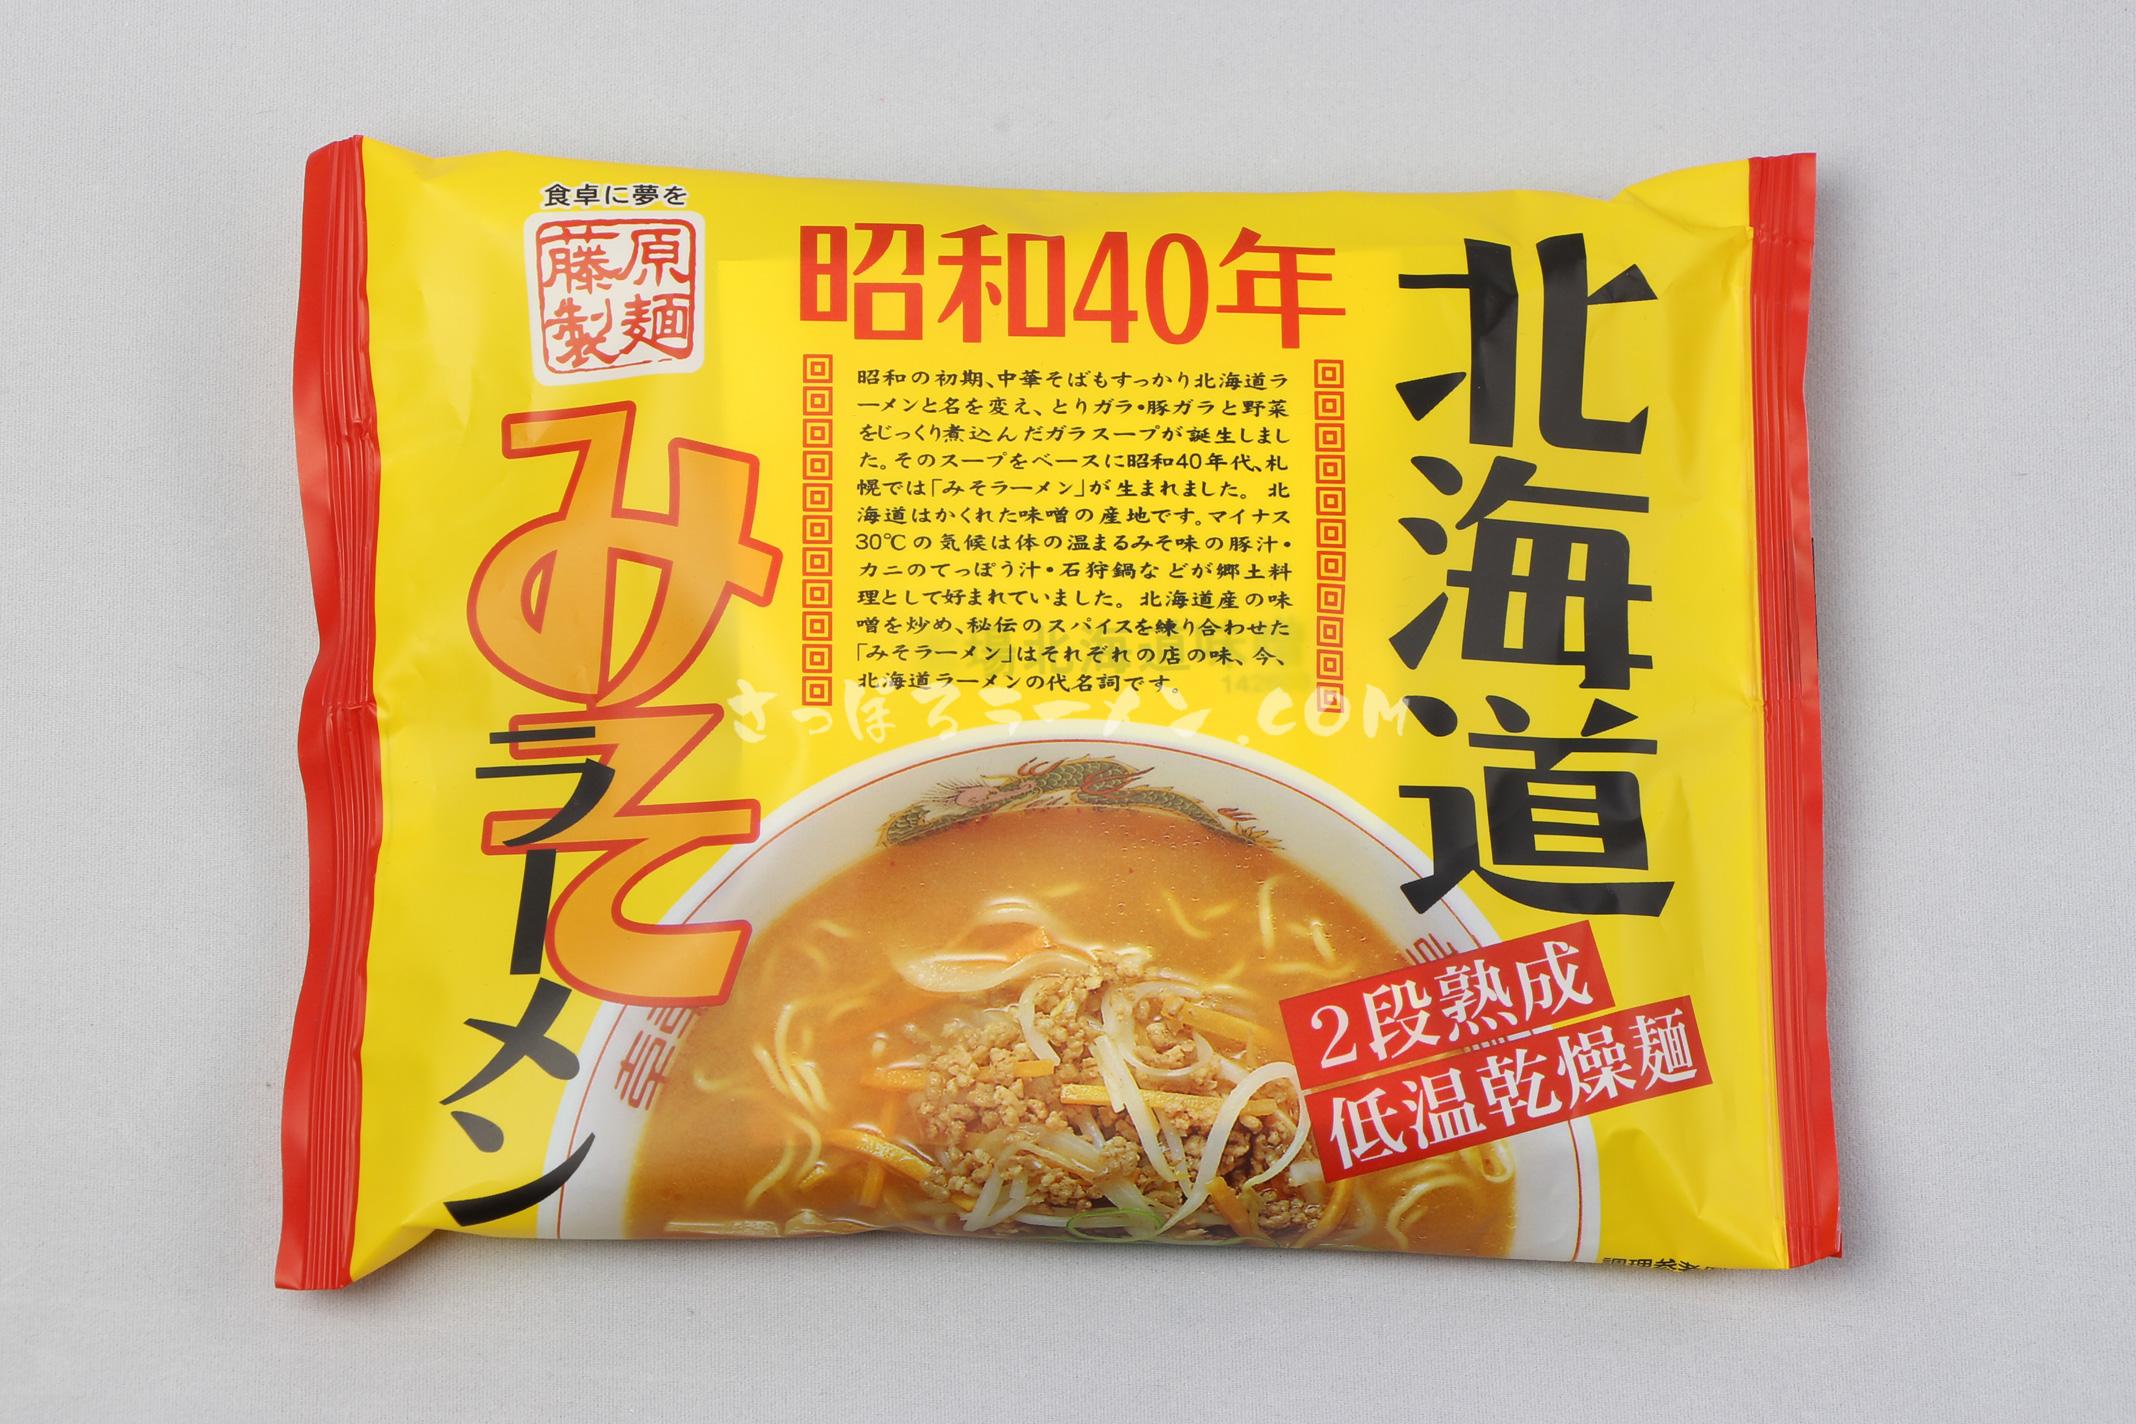 「昭和40年 北海道みそラーメン 」(藤原製麺)のパッケージ(表)